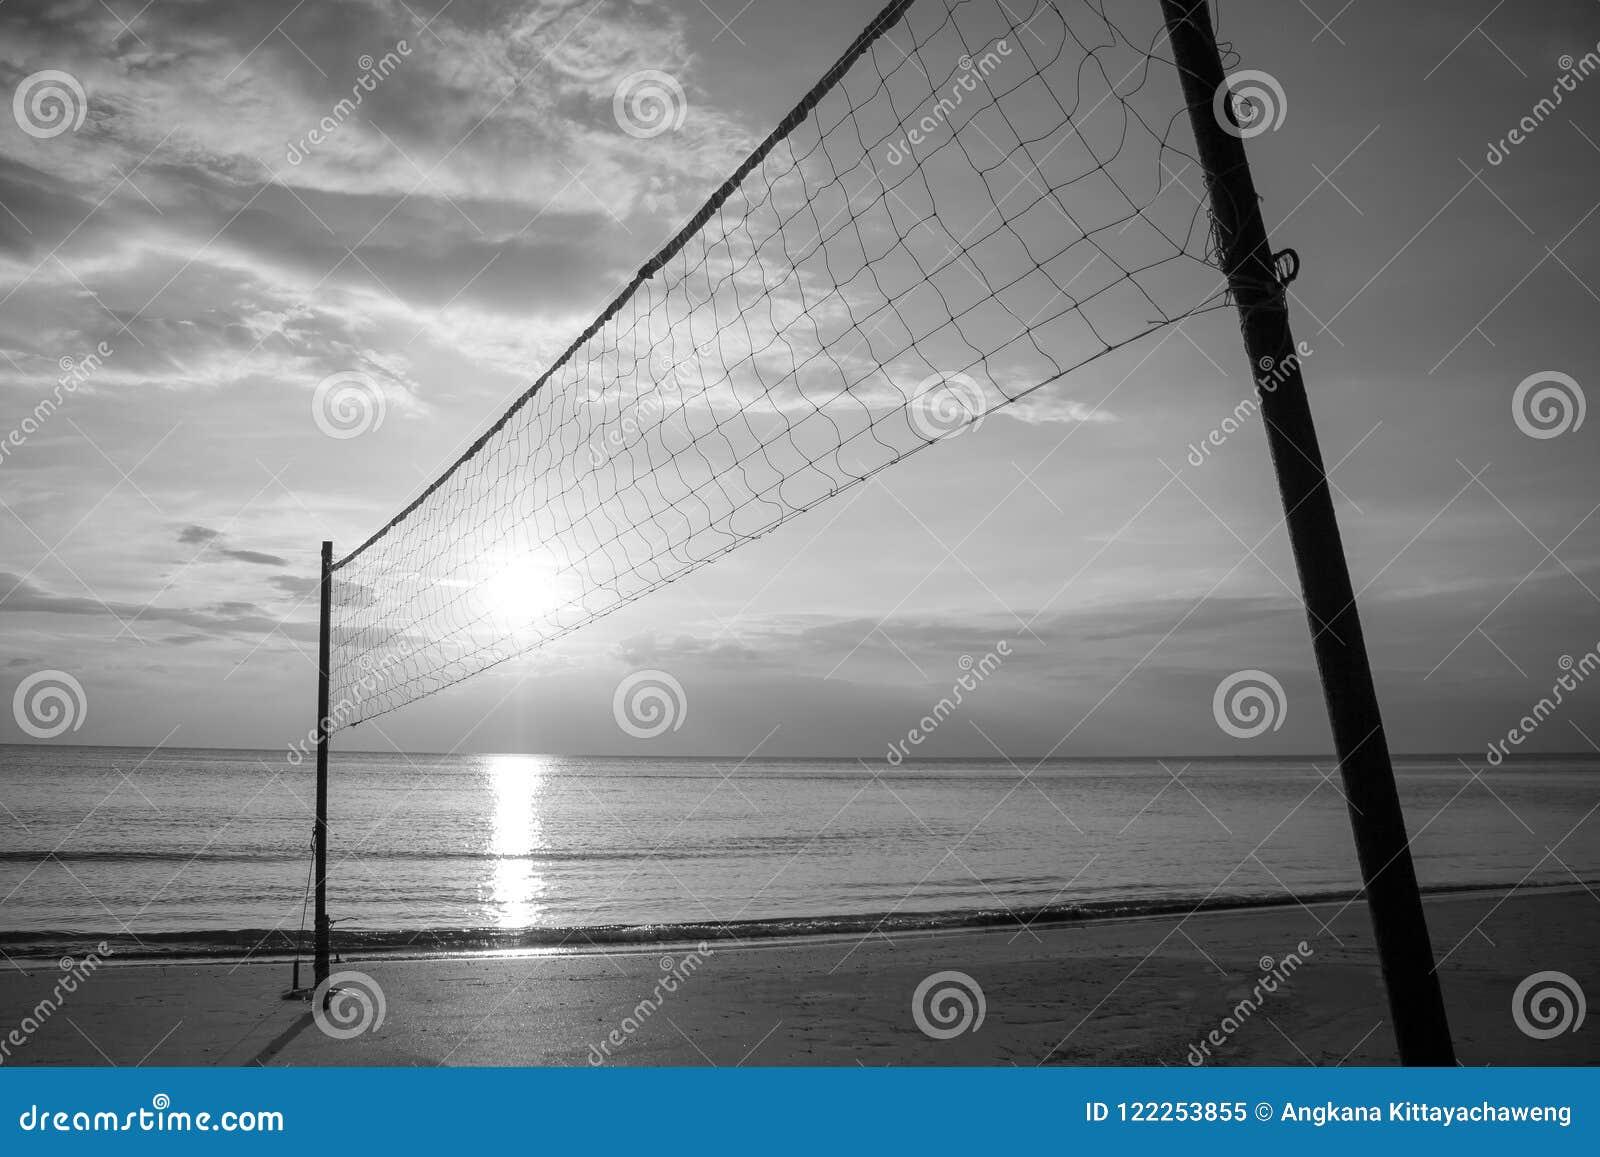 Silhouettieren Sie Volleyballnetz auf Sandstrand mit schönem Sonnenuntergang in der Dämmerungszeit